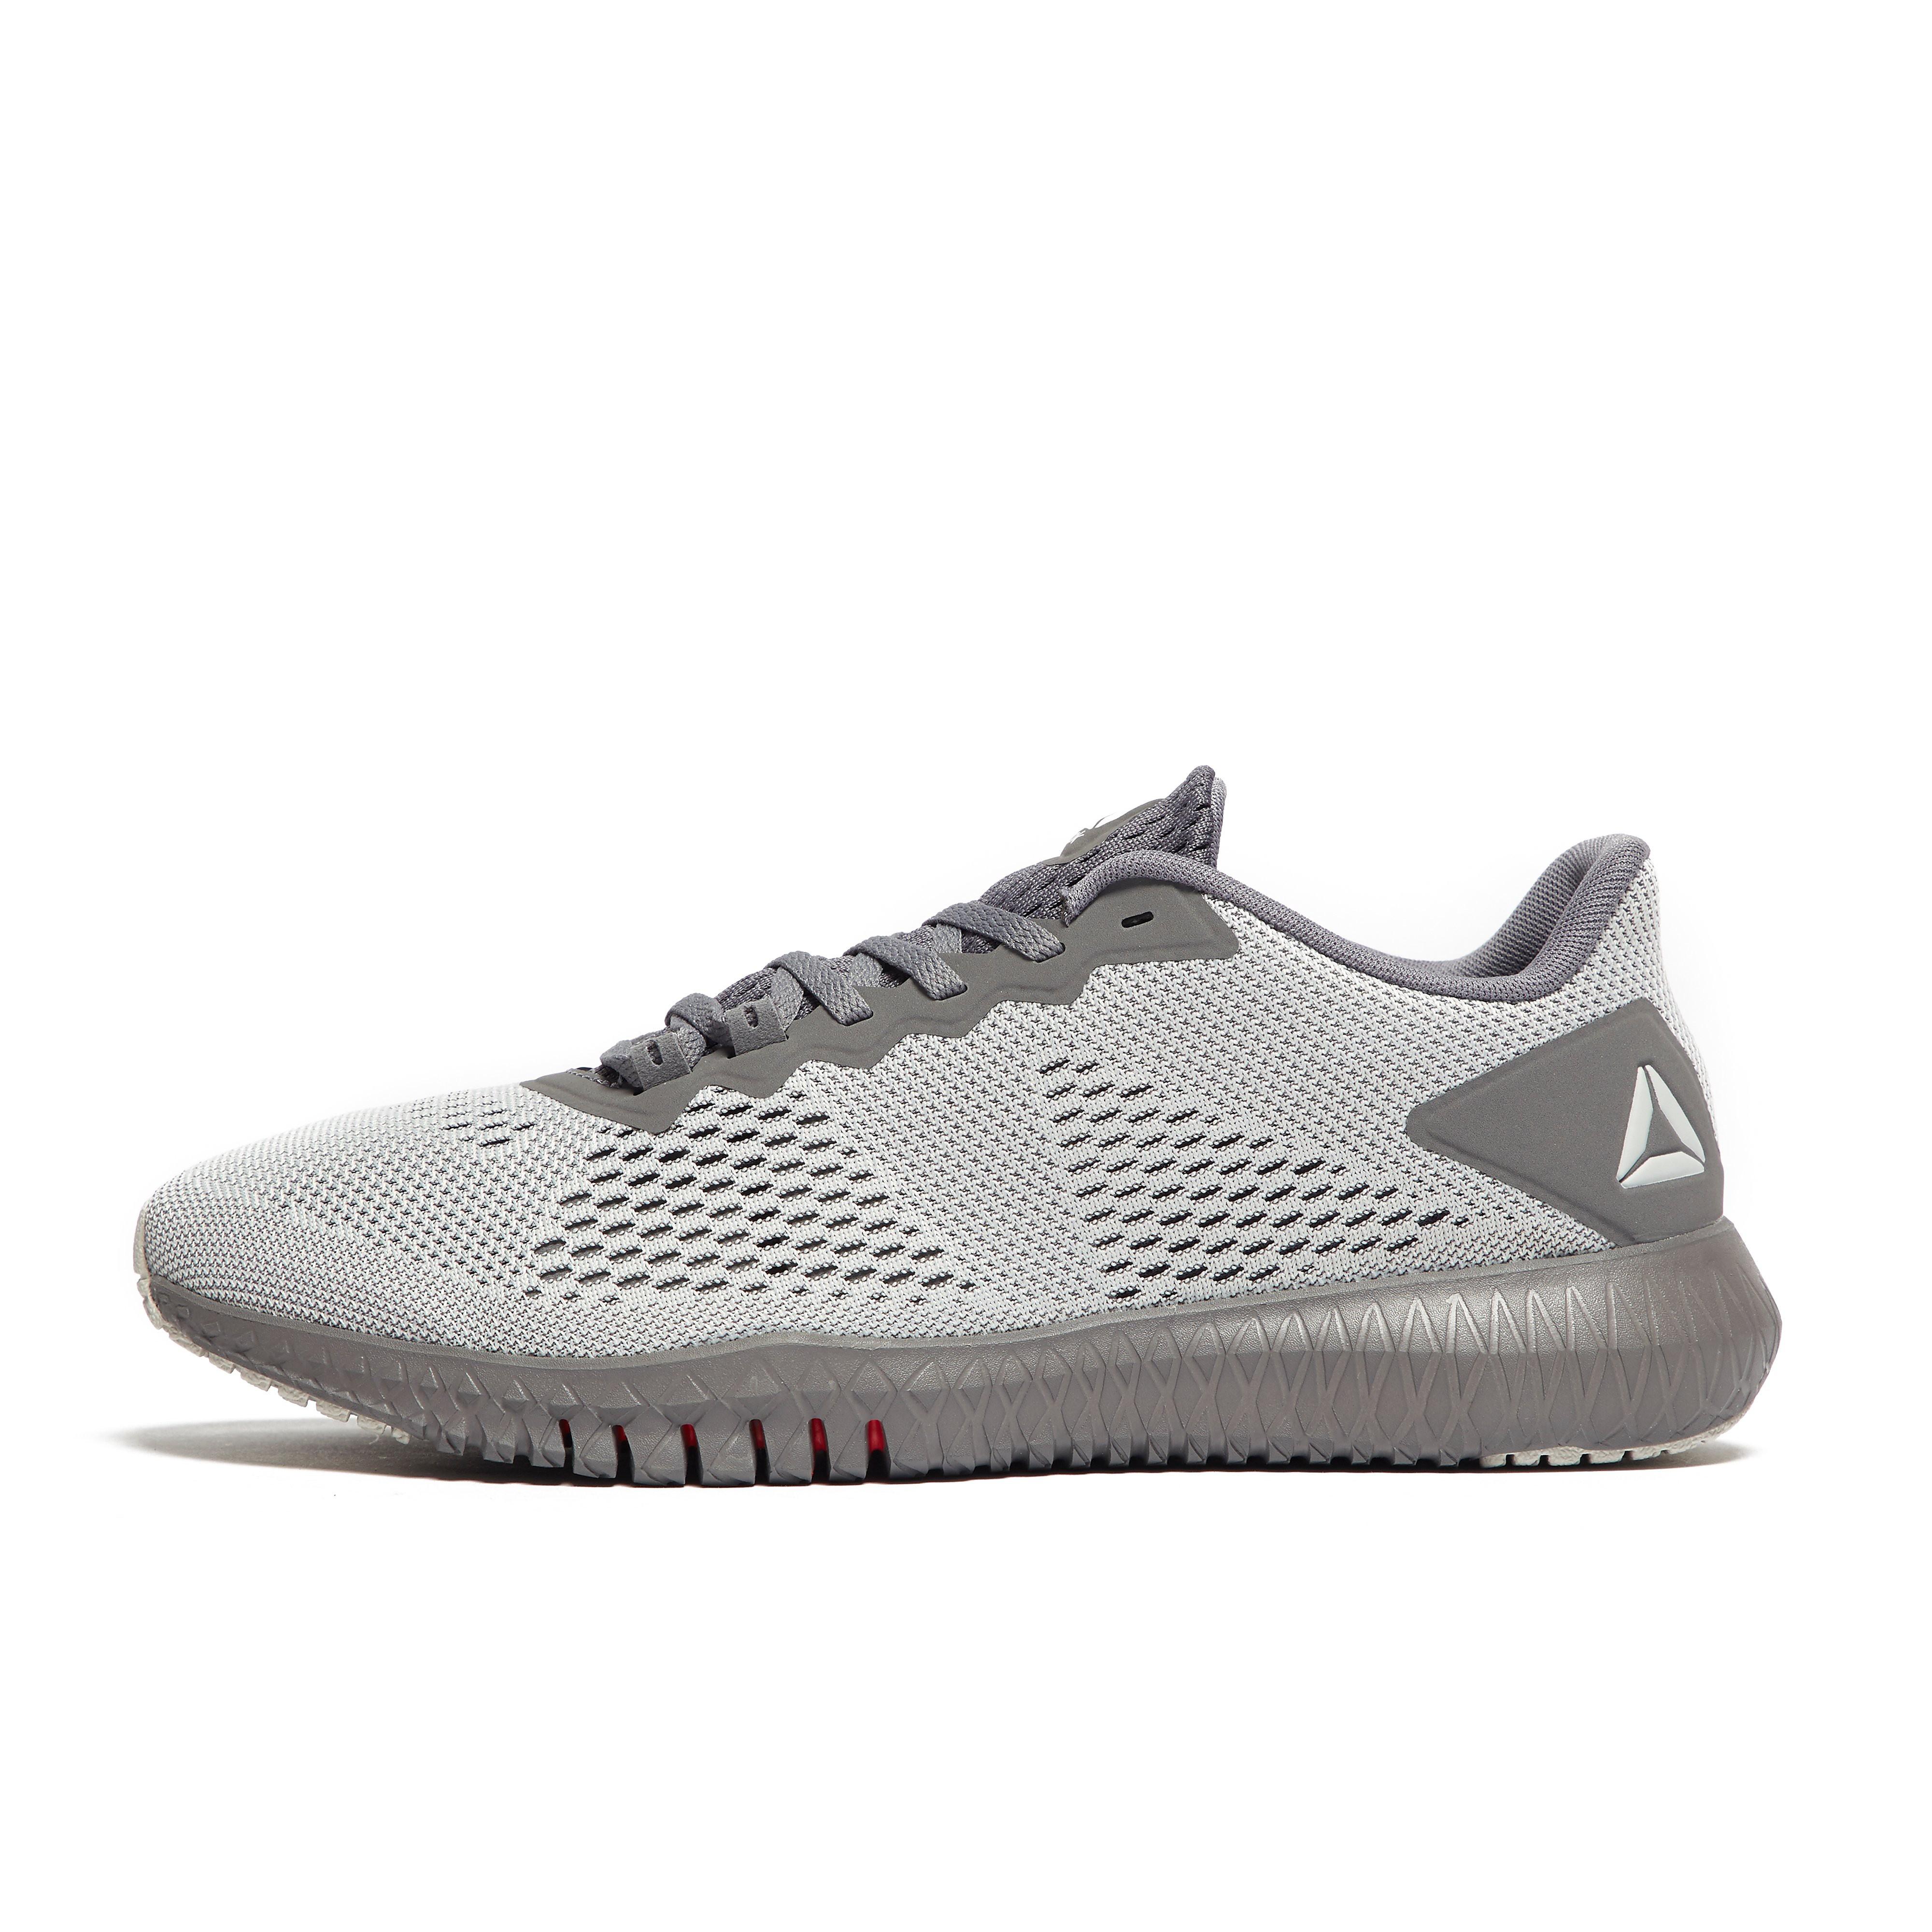 Mens Grey Reebok Flexagon Training Shoes